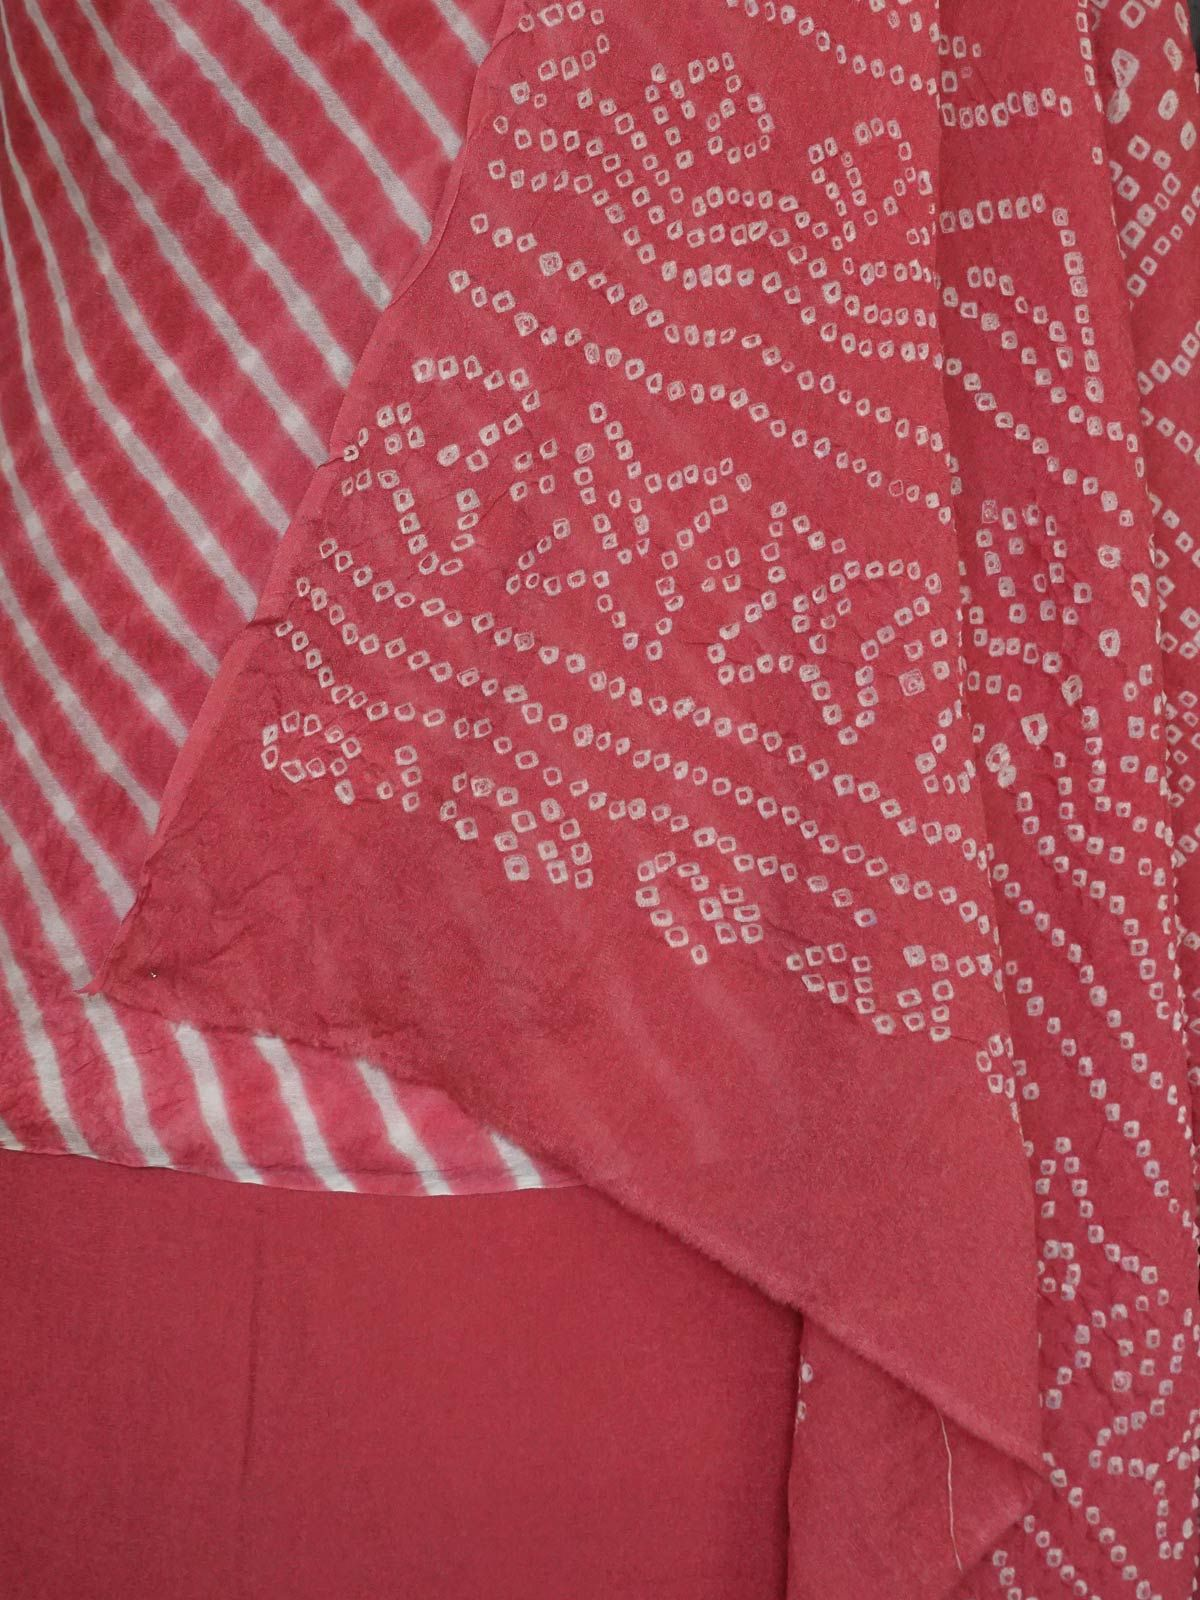 Pink crepe silk dress material with  bandhani silk dupatta